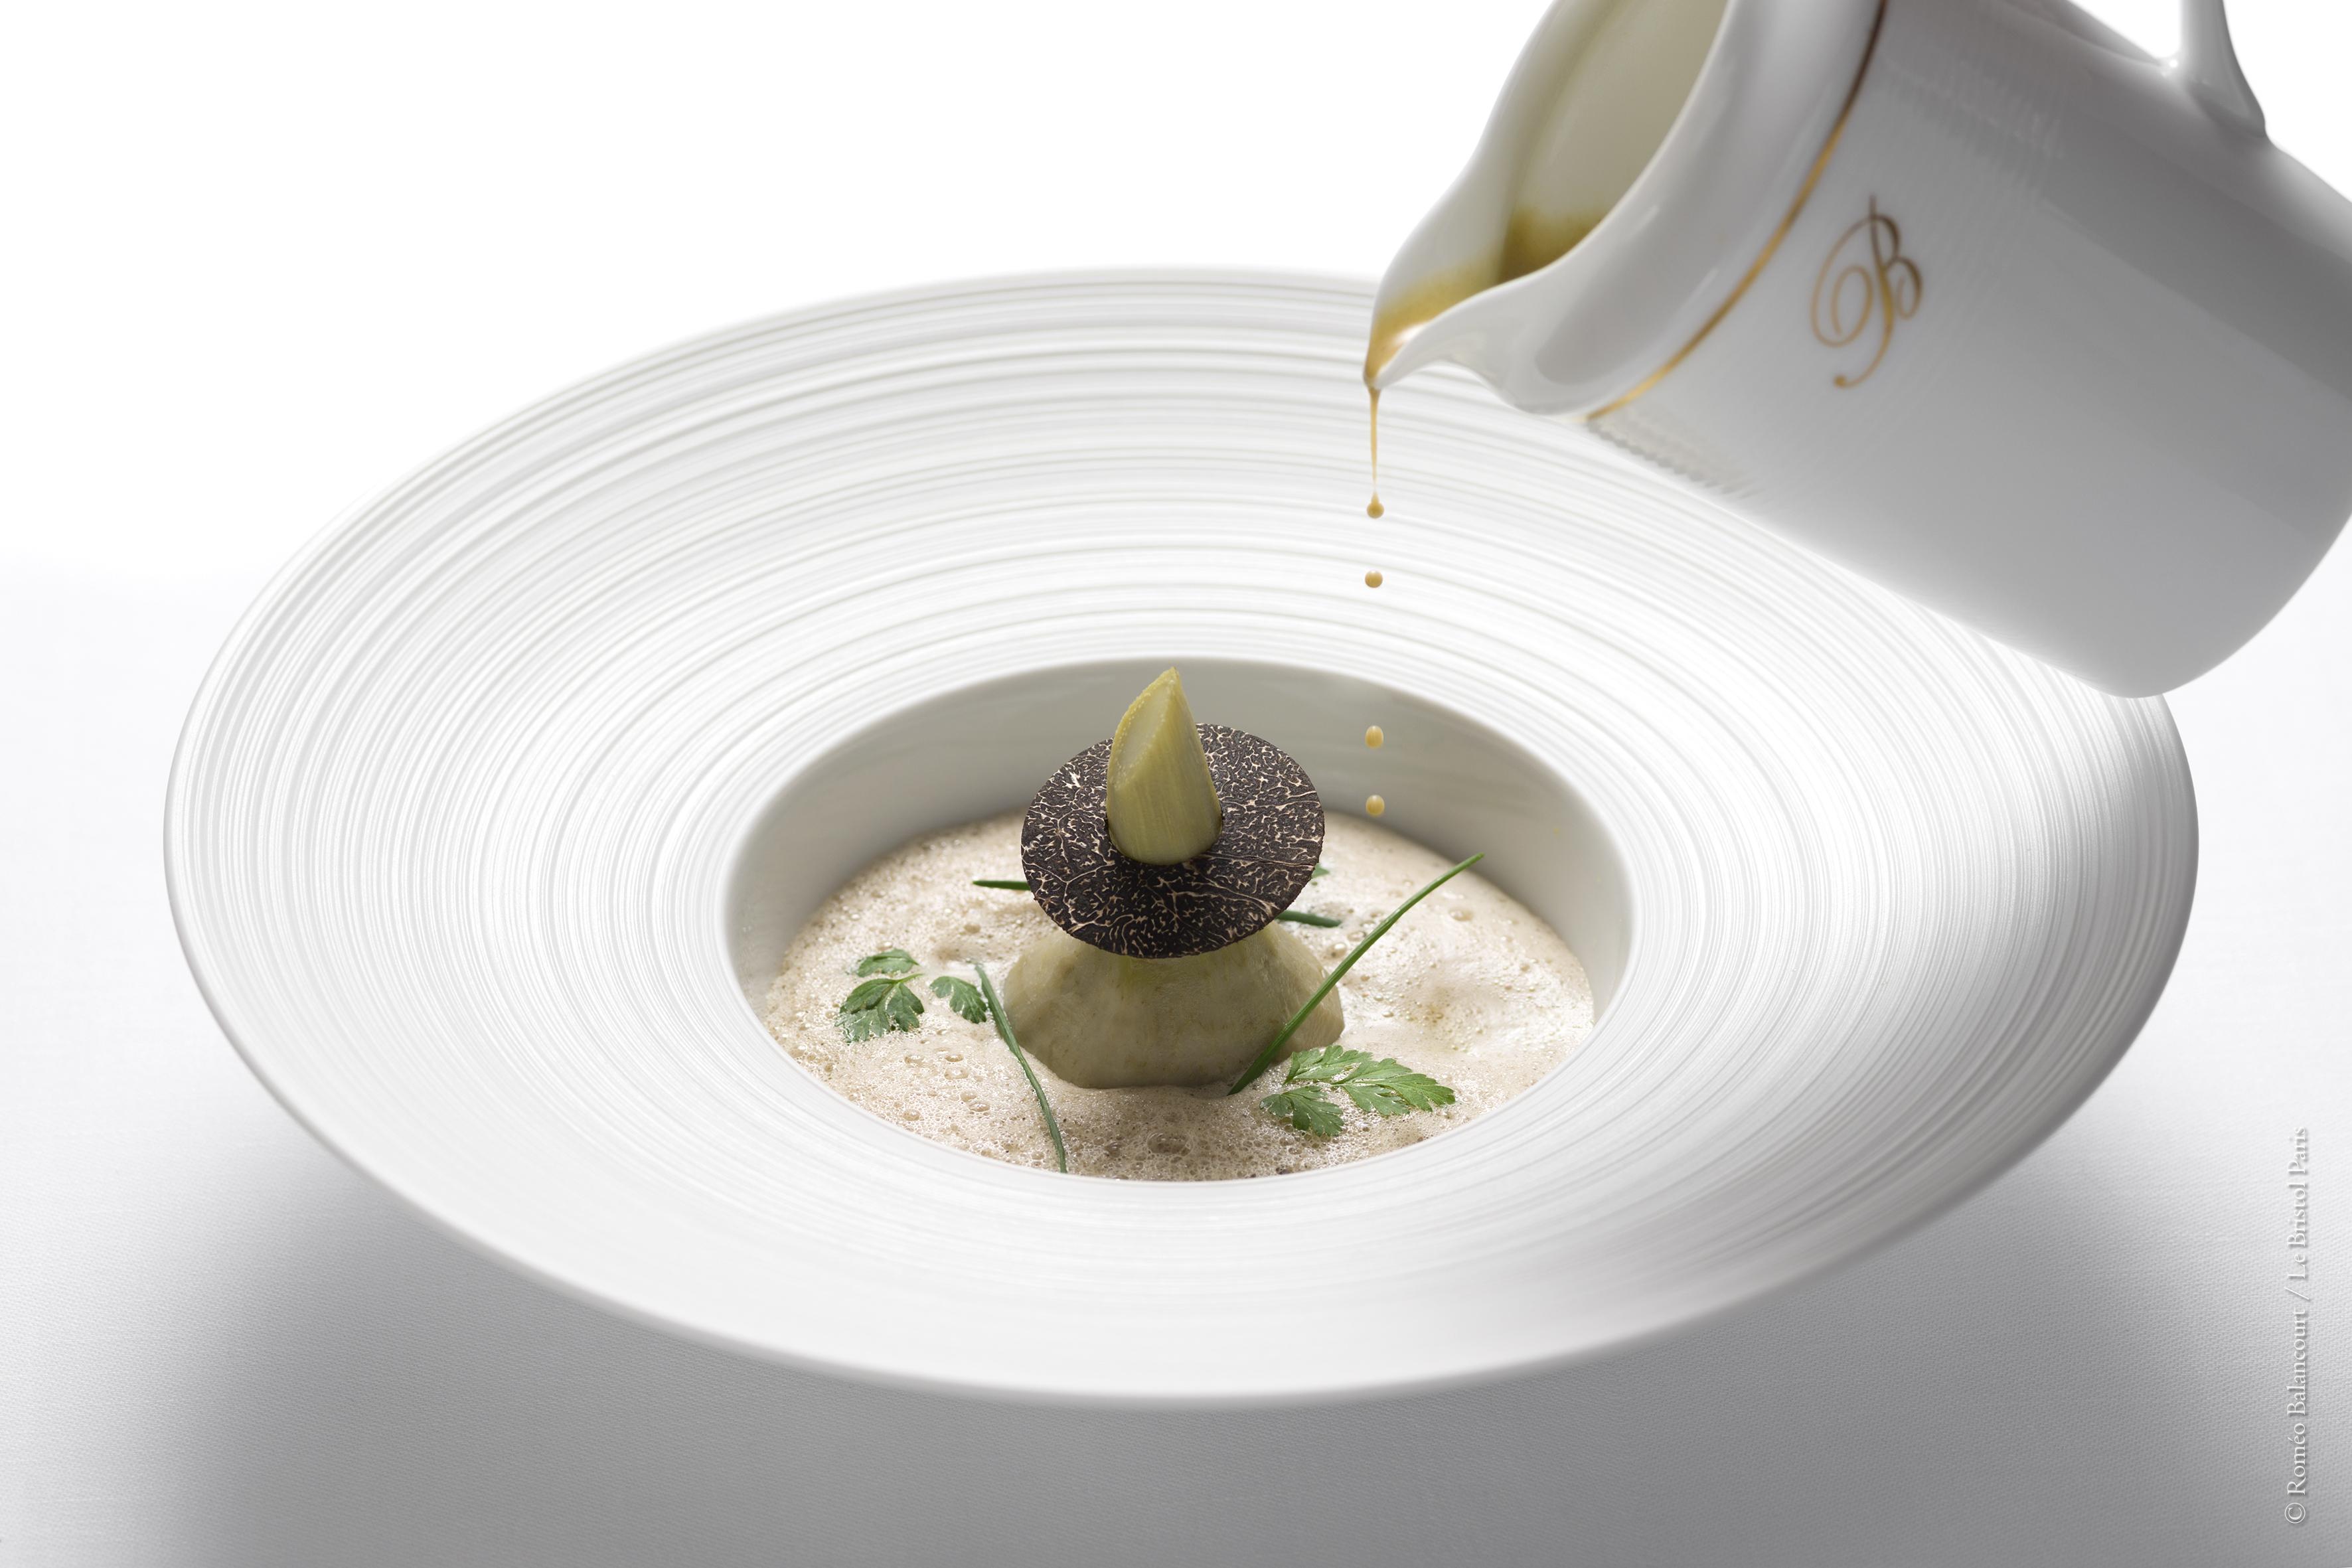 114_Faubourg_-_Soupe_d_artichaut__escalope_de_foie_gras_poelee__emulsion_a_la_tr_0018